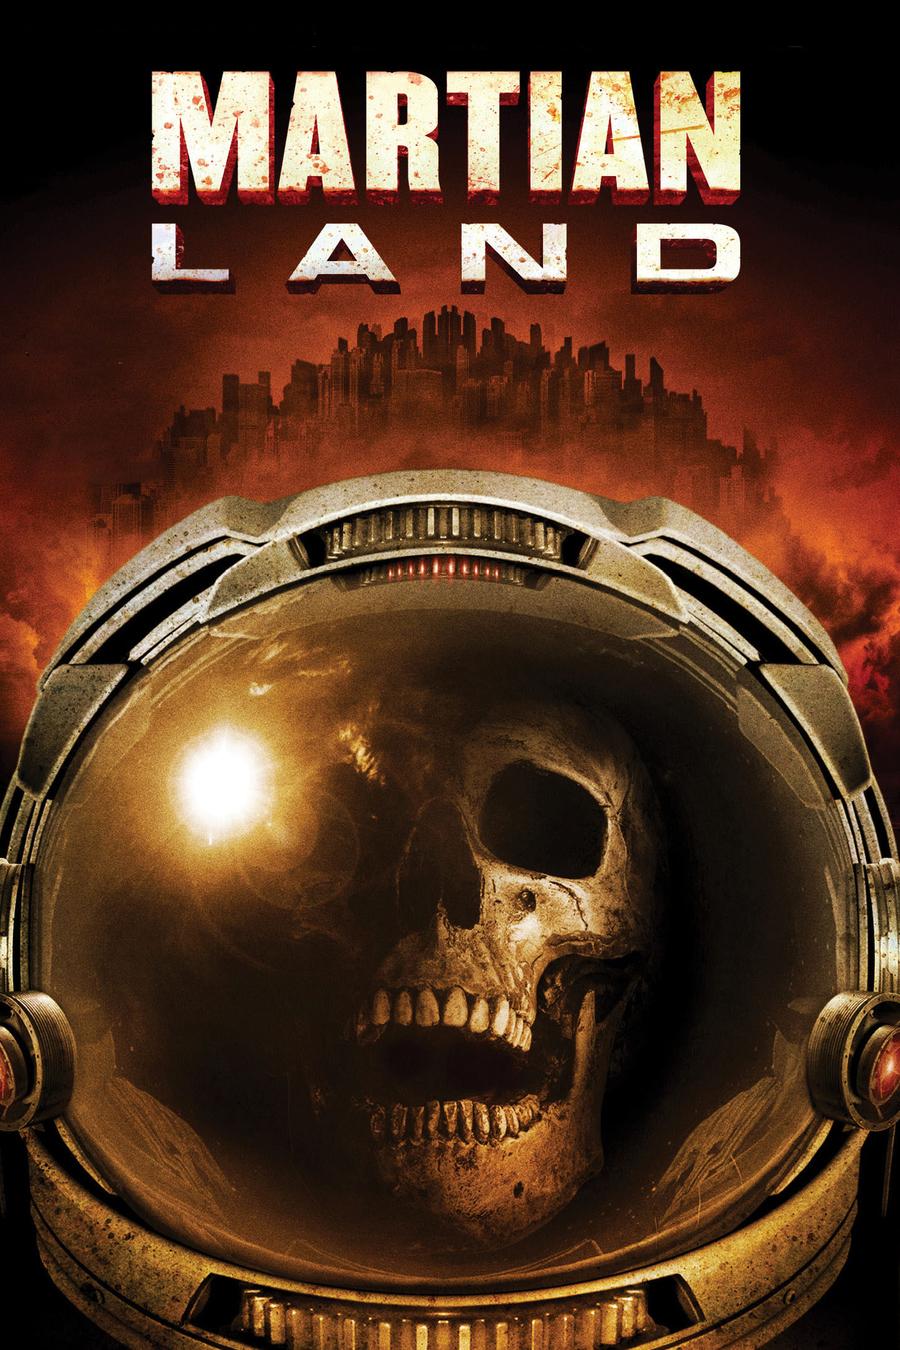 Tierra marciana